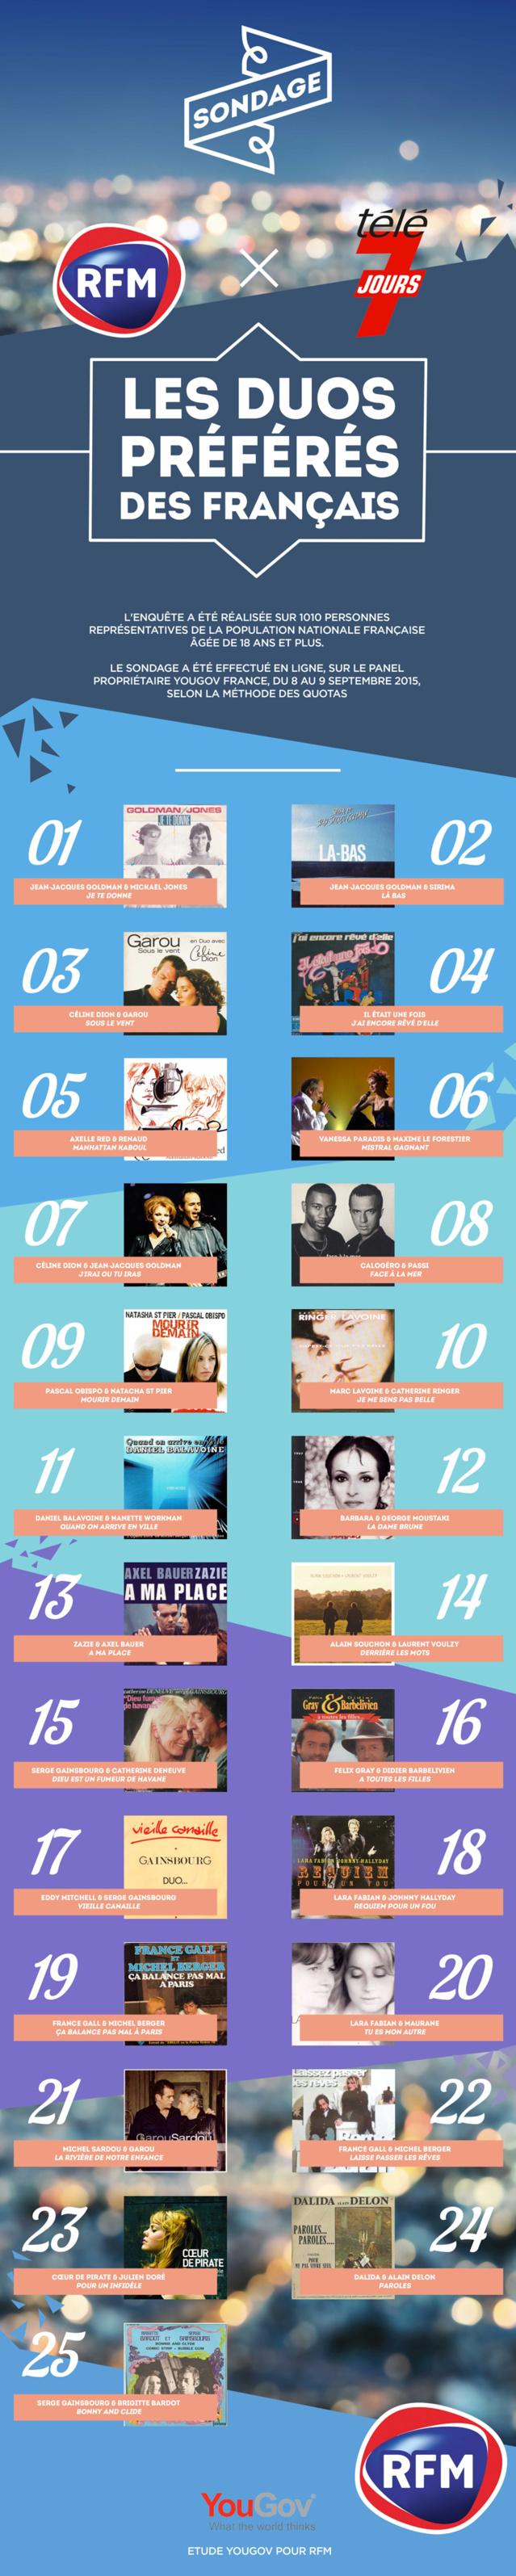 Voici les 25 duos préférés des Français